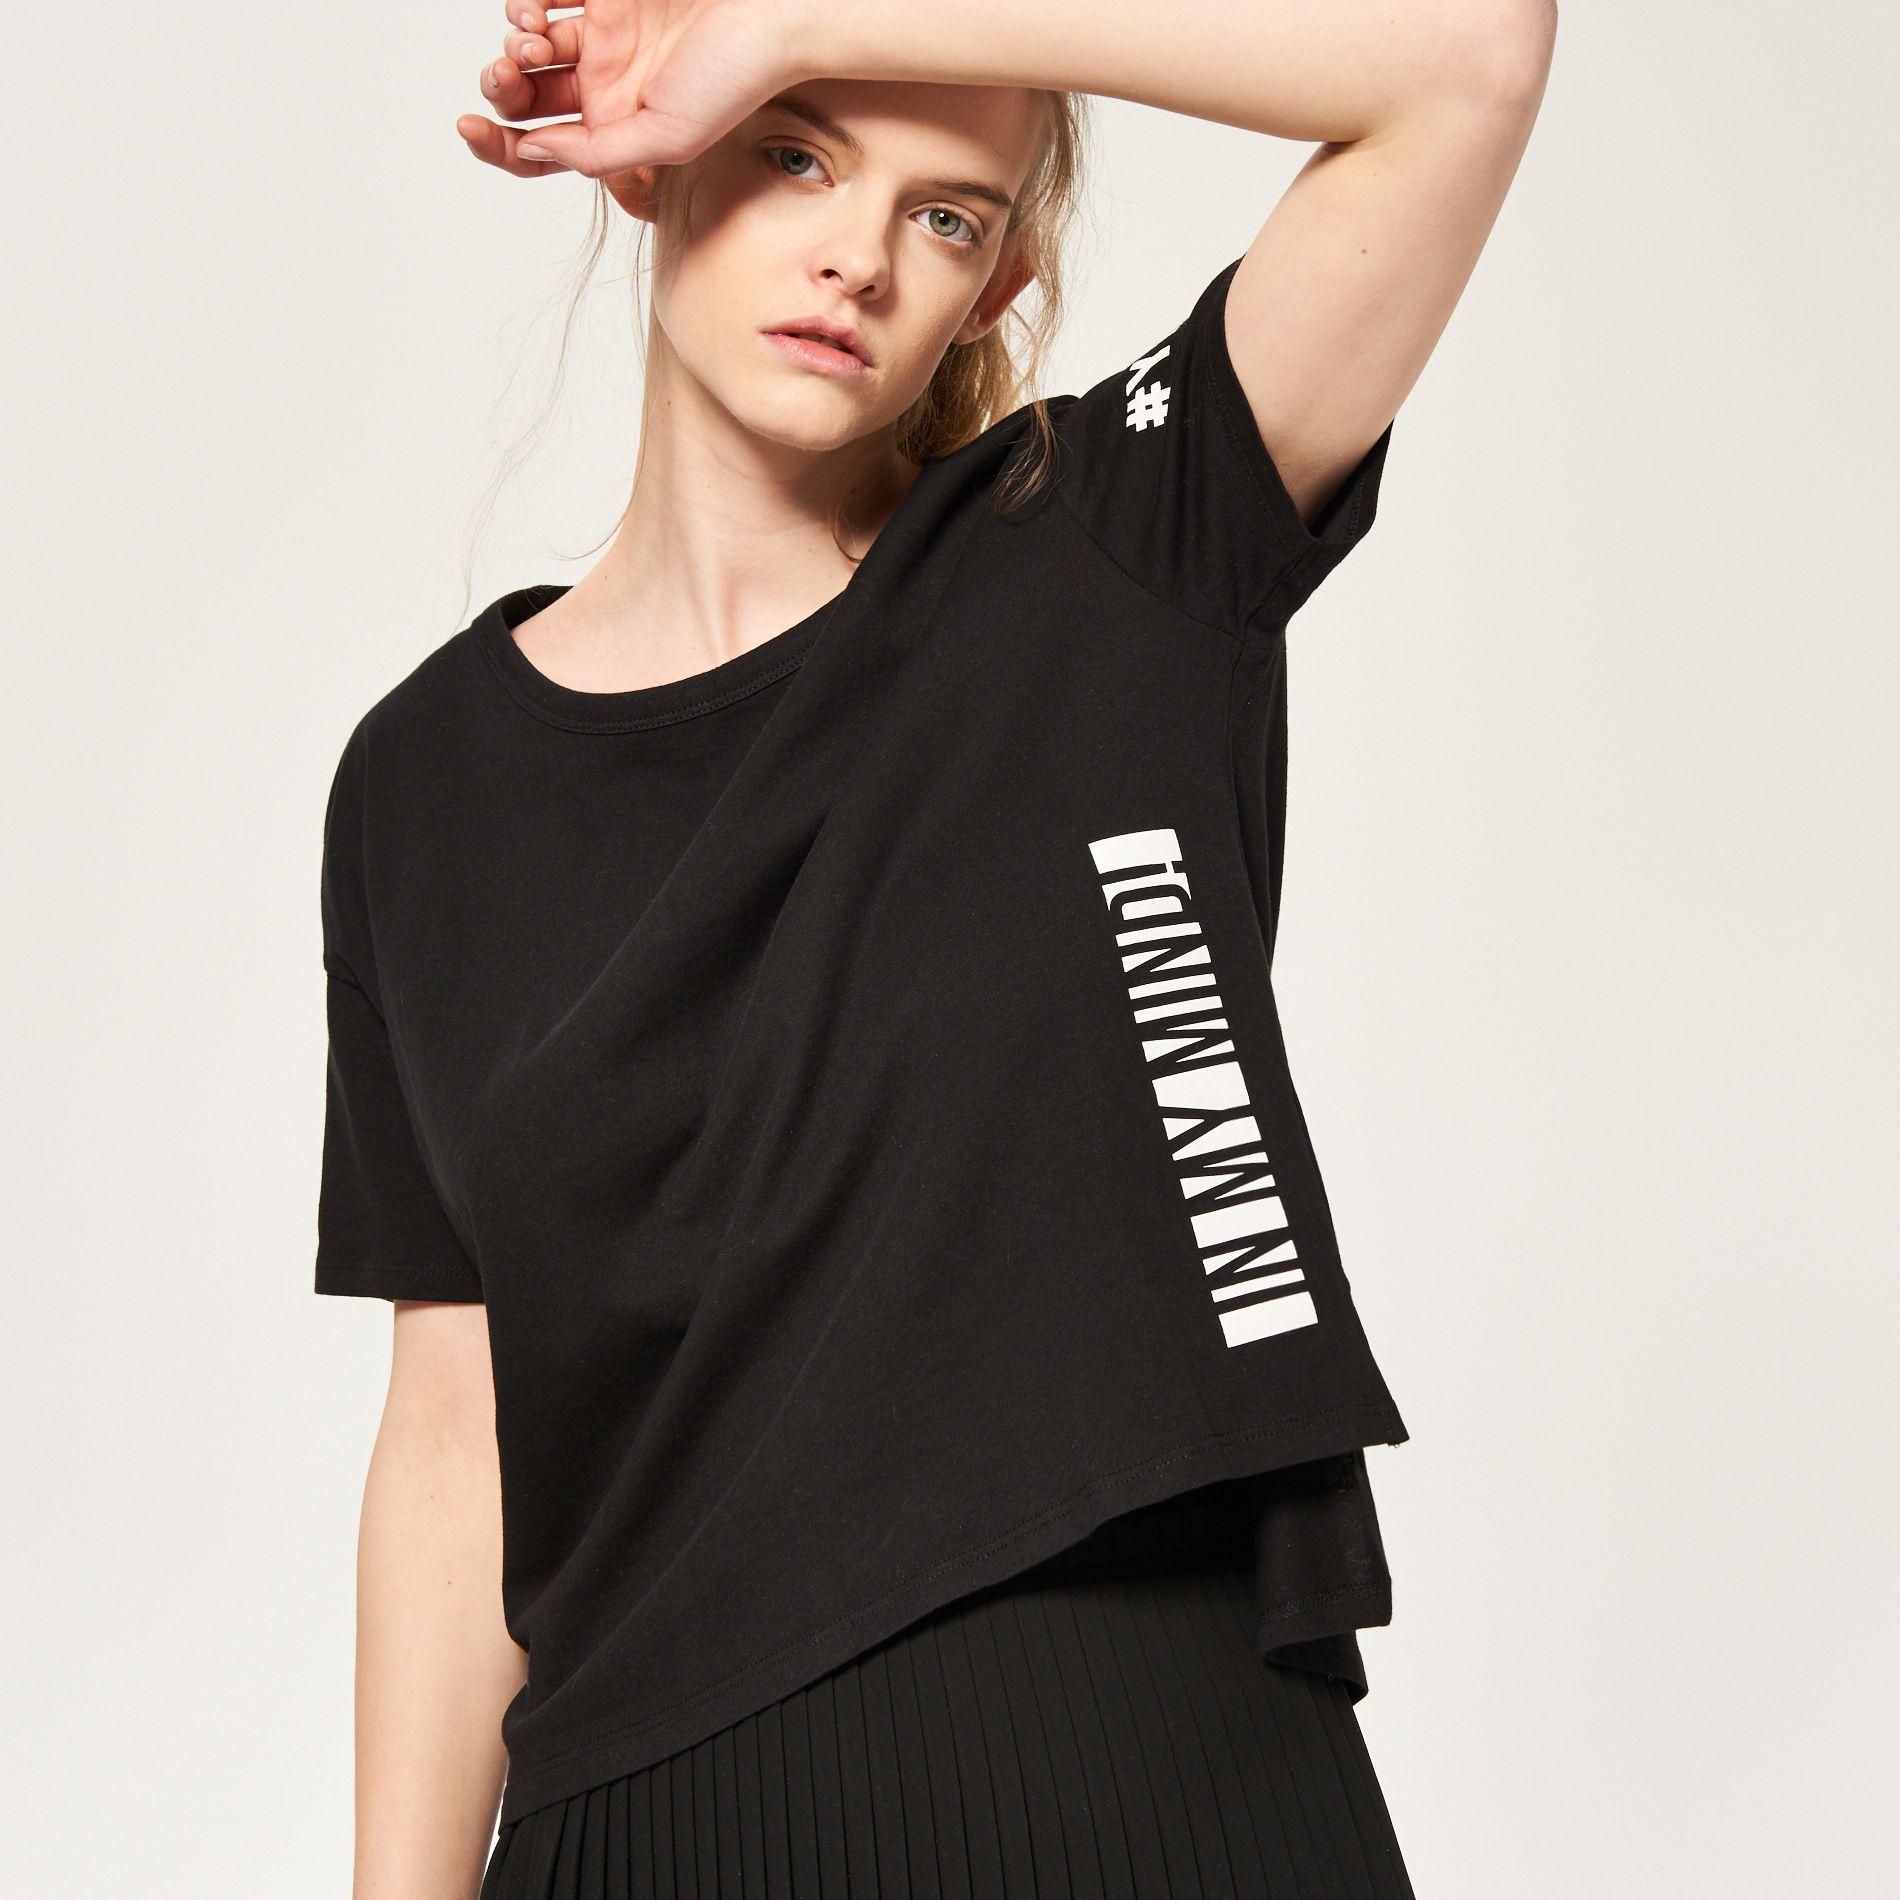 T-shirt z nadrukiem z tyłu, RESERVED, QP909-99X